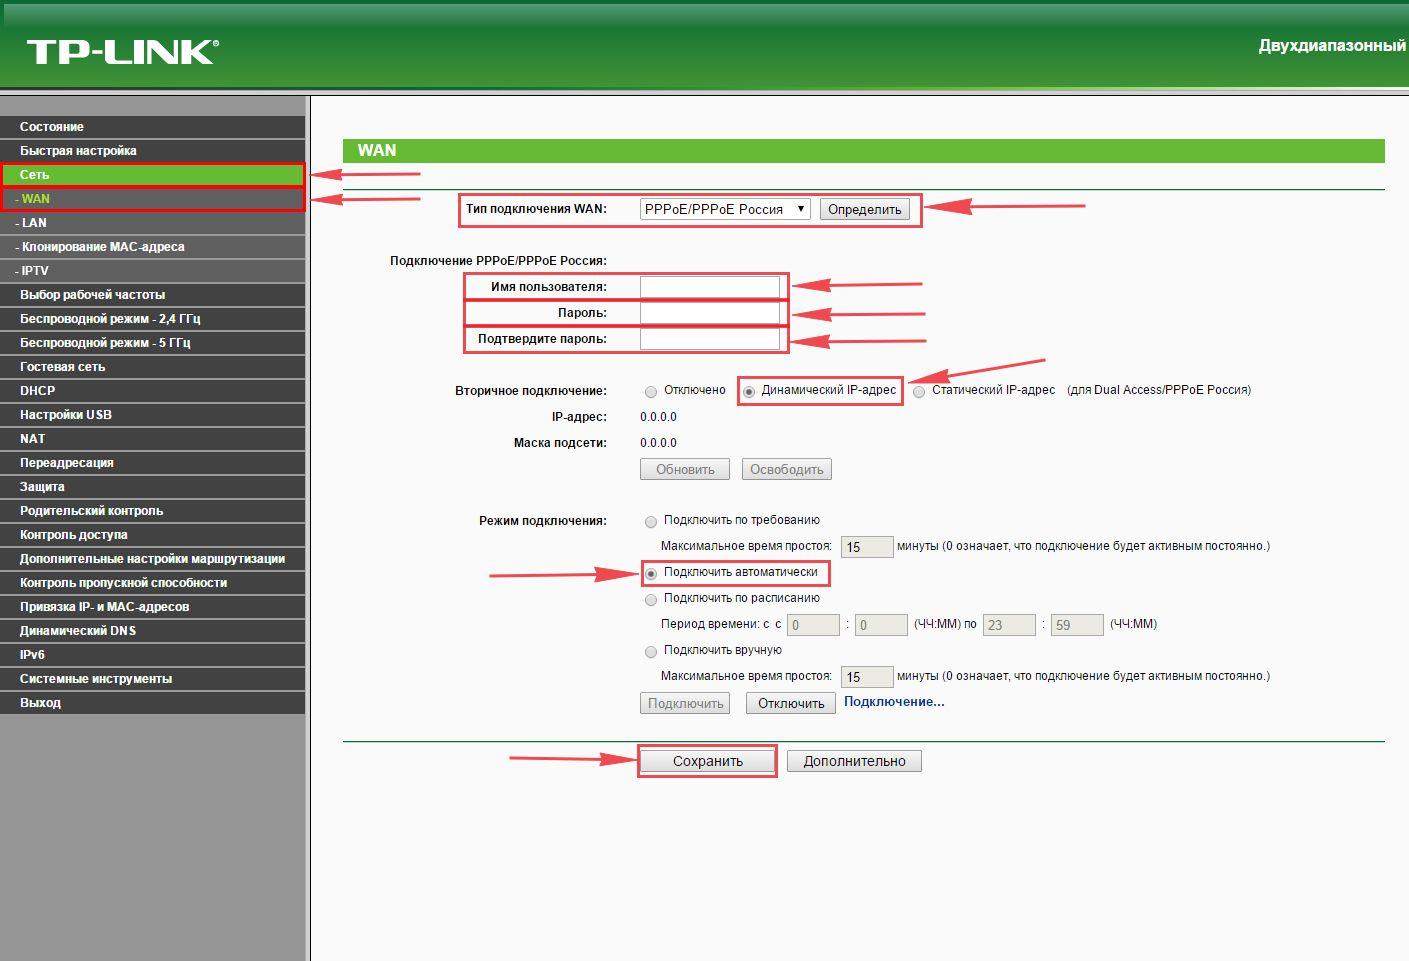 Подключение и настройка роутера TP-Link TL-WDR4300